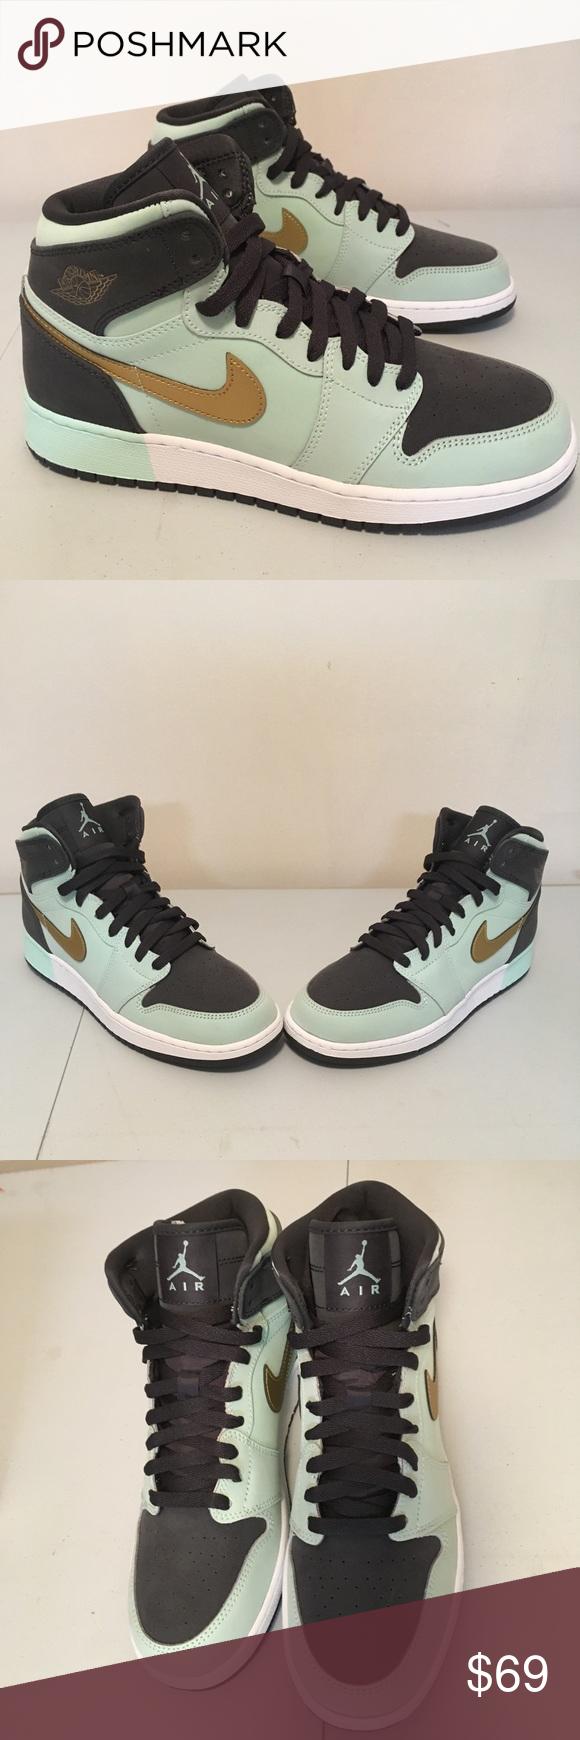 29a5b0c8739368 Air Jordan 1 Retro High GG Size 7.5Y Air Jordan 1 Retro High GG Mint ...